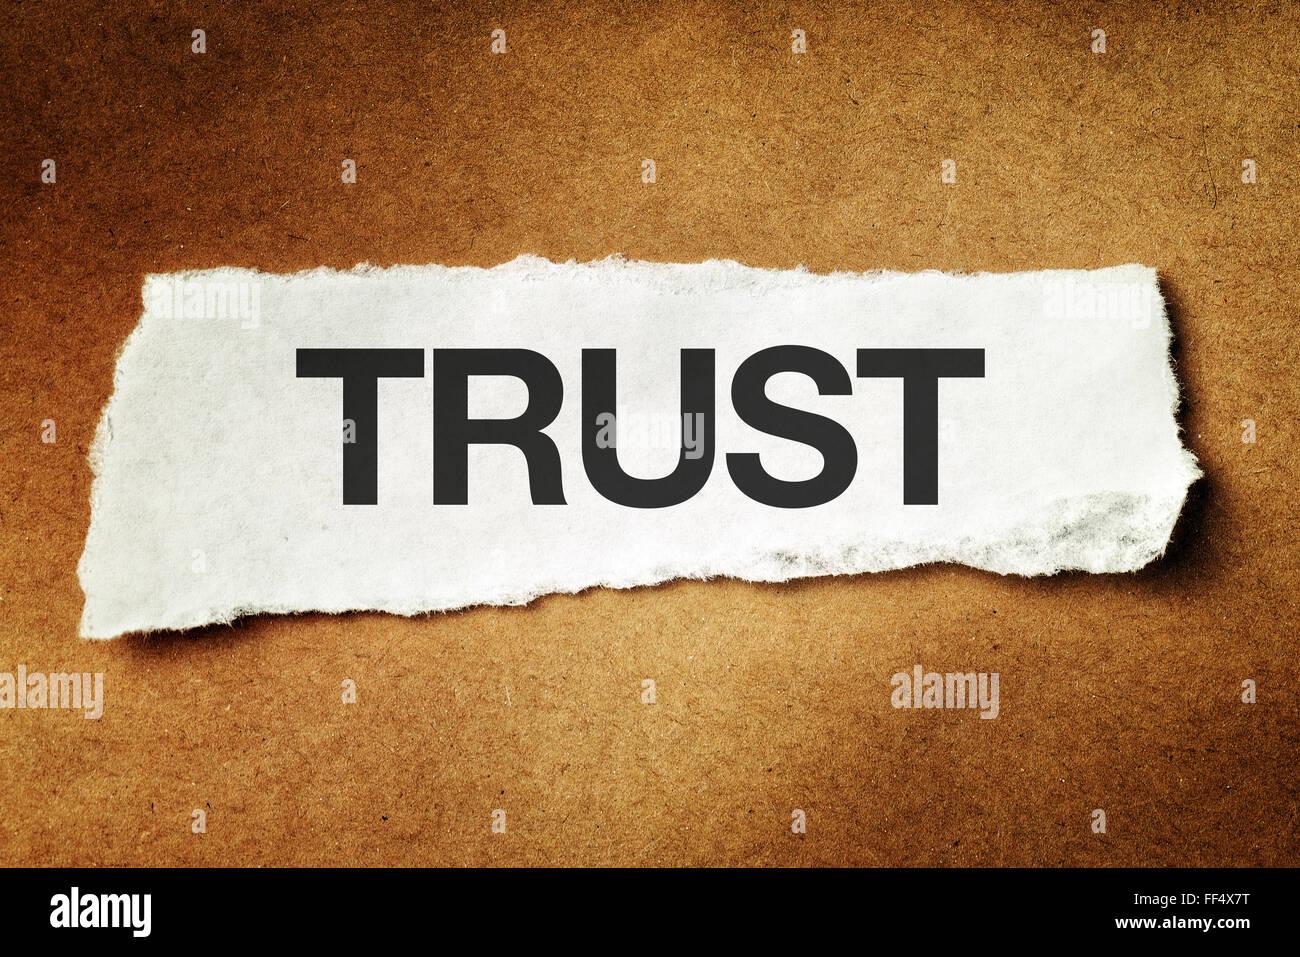 Trust imprimé sur du papier brouillon, concept de foi, de confiance et fiable. Photo Stock